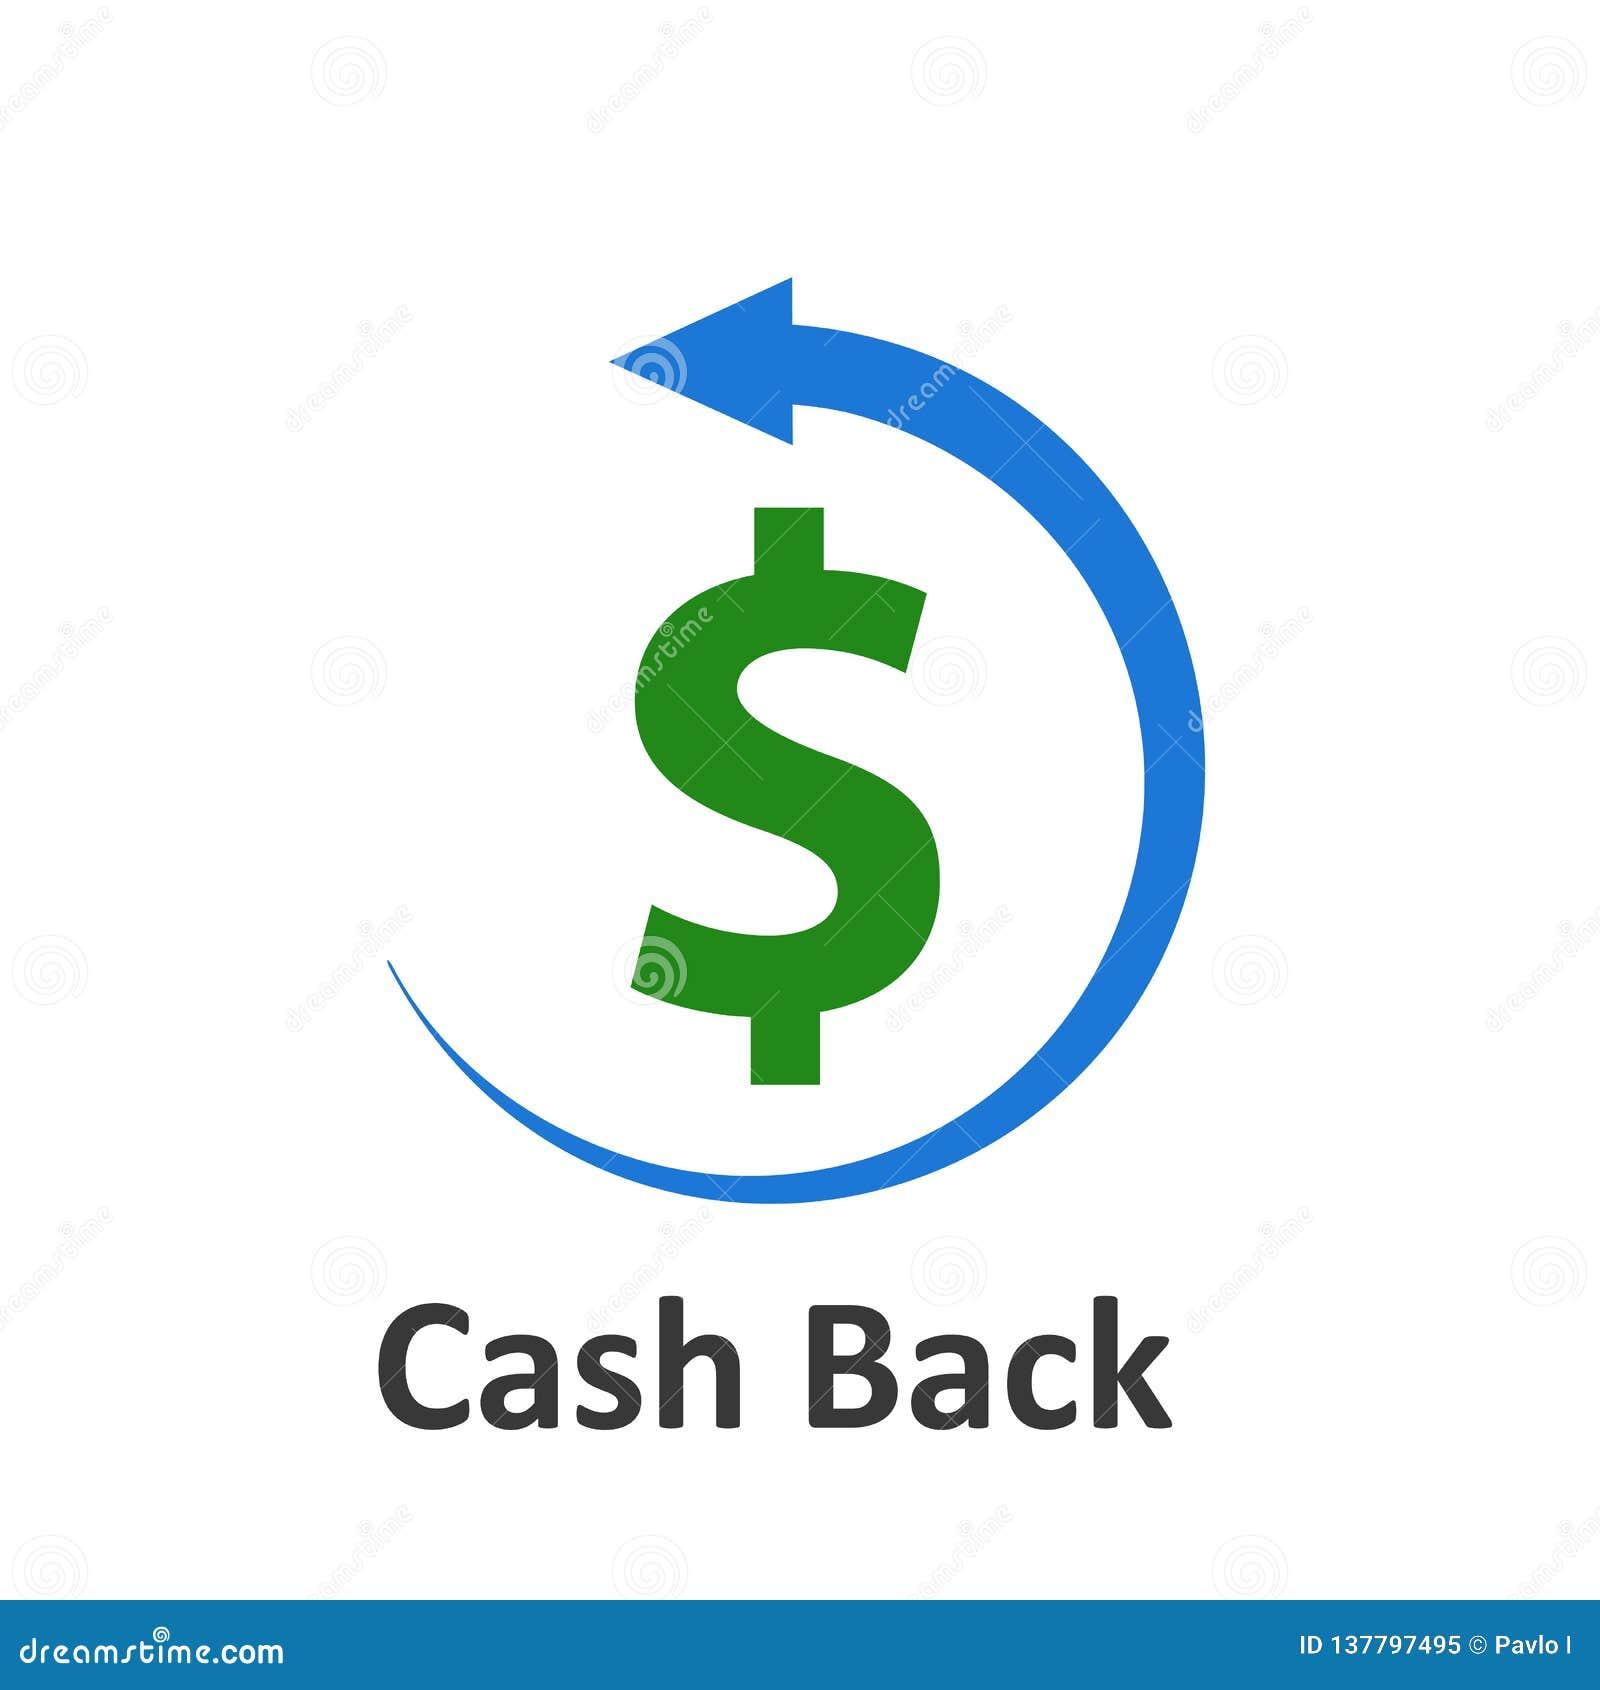 cashback icon stock illustrations 6 080 cashback icon stock illustrations vectors clipart dreamstime cashback icon stock illustrations 6